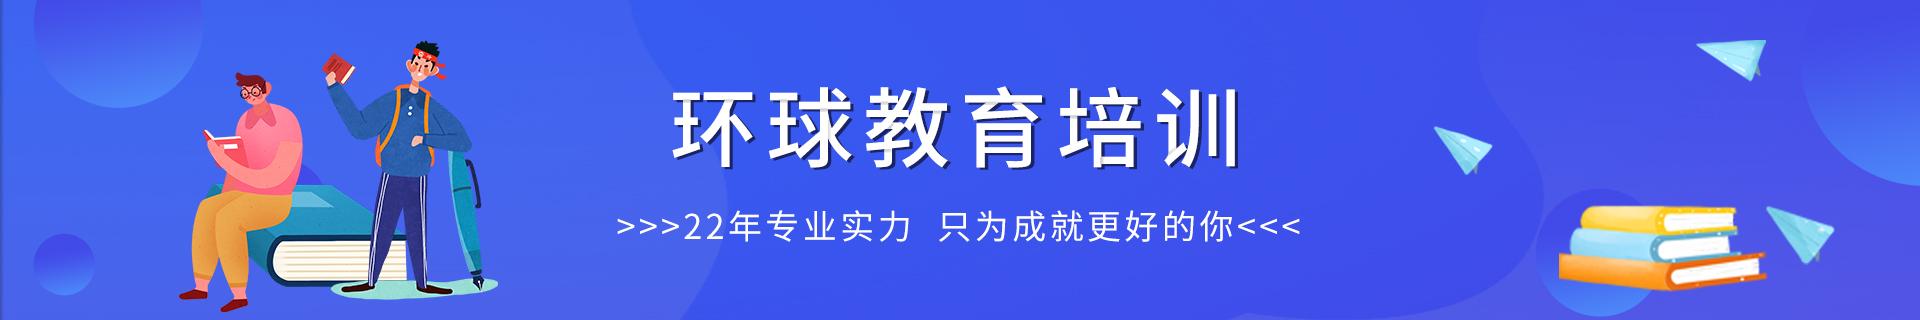 上海徐汇区环球教育